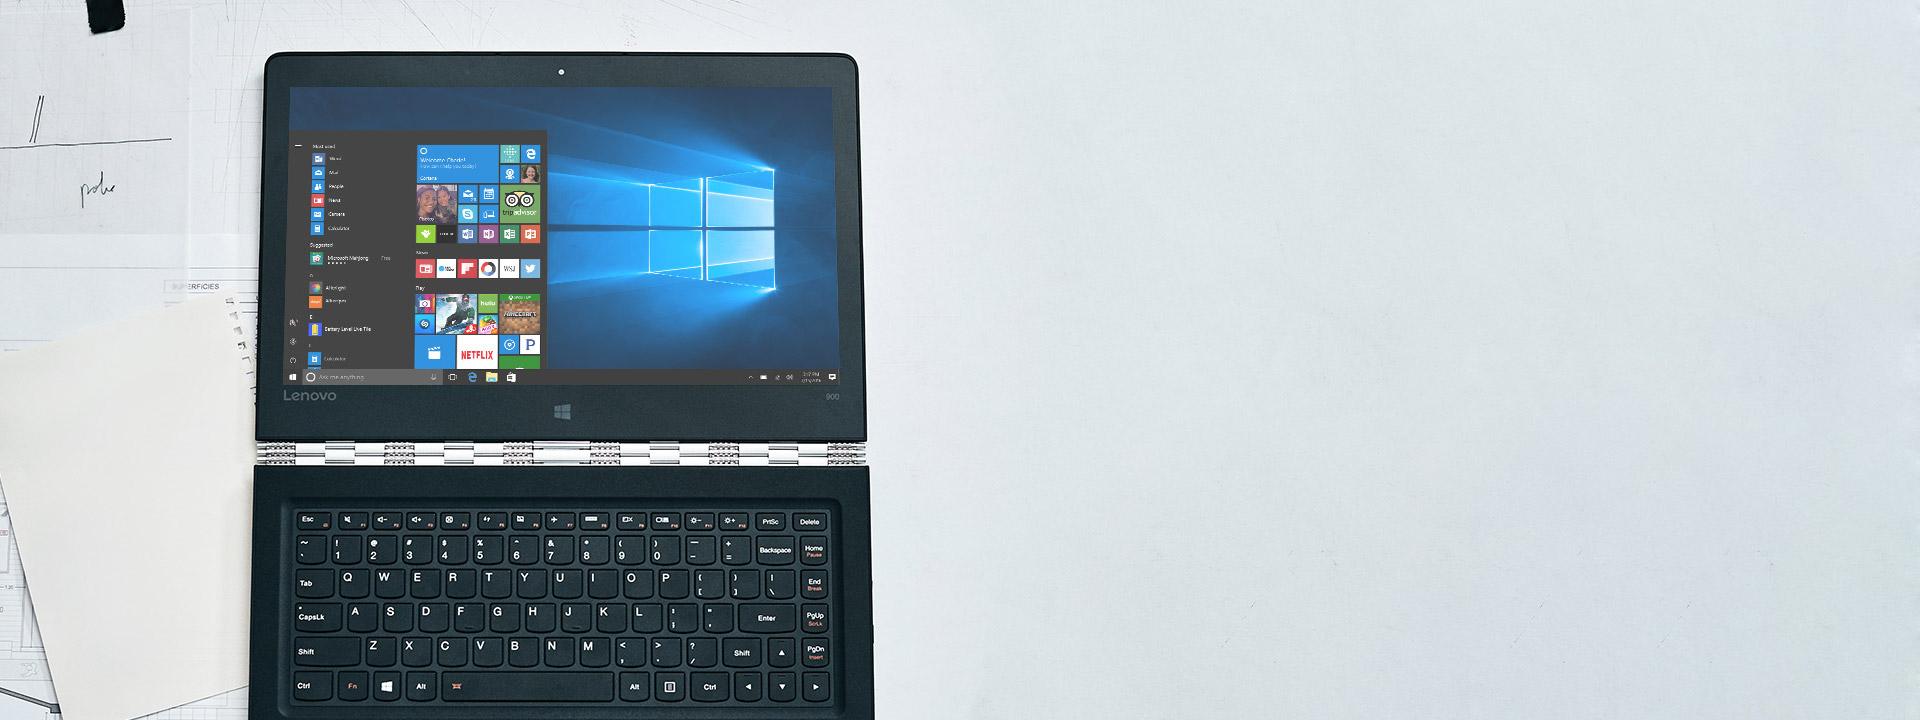 Windows 10 Başlat menüsünde Lenovo Yoga 900